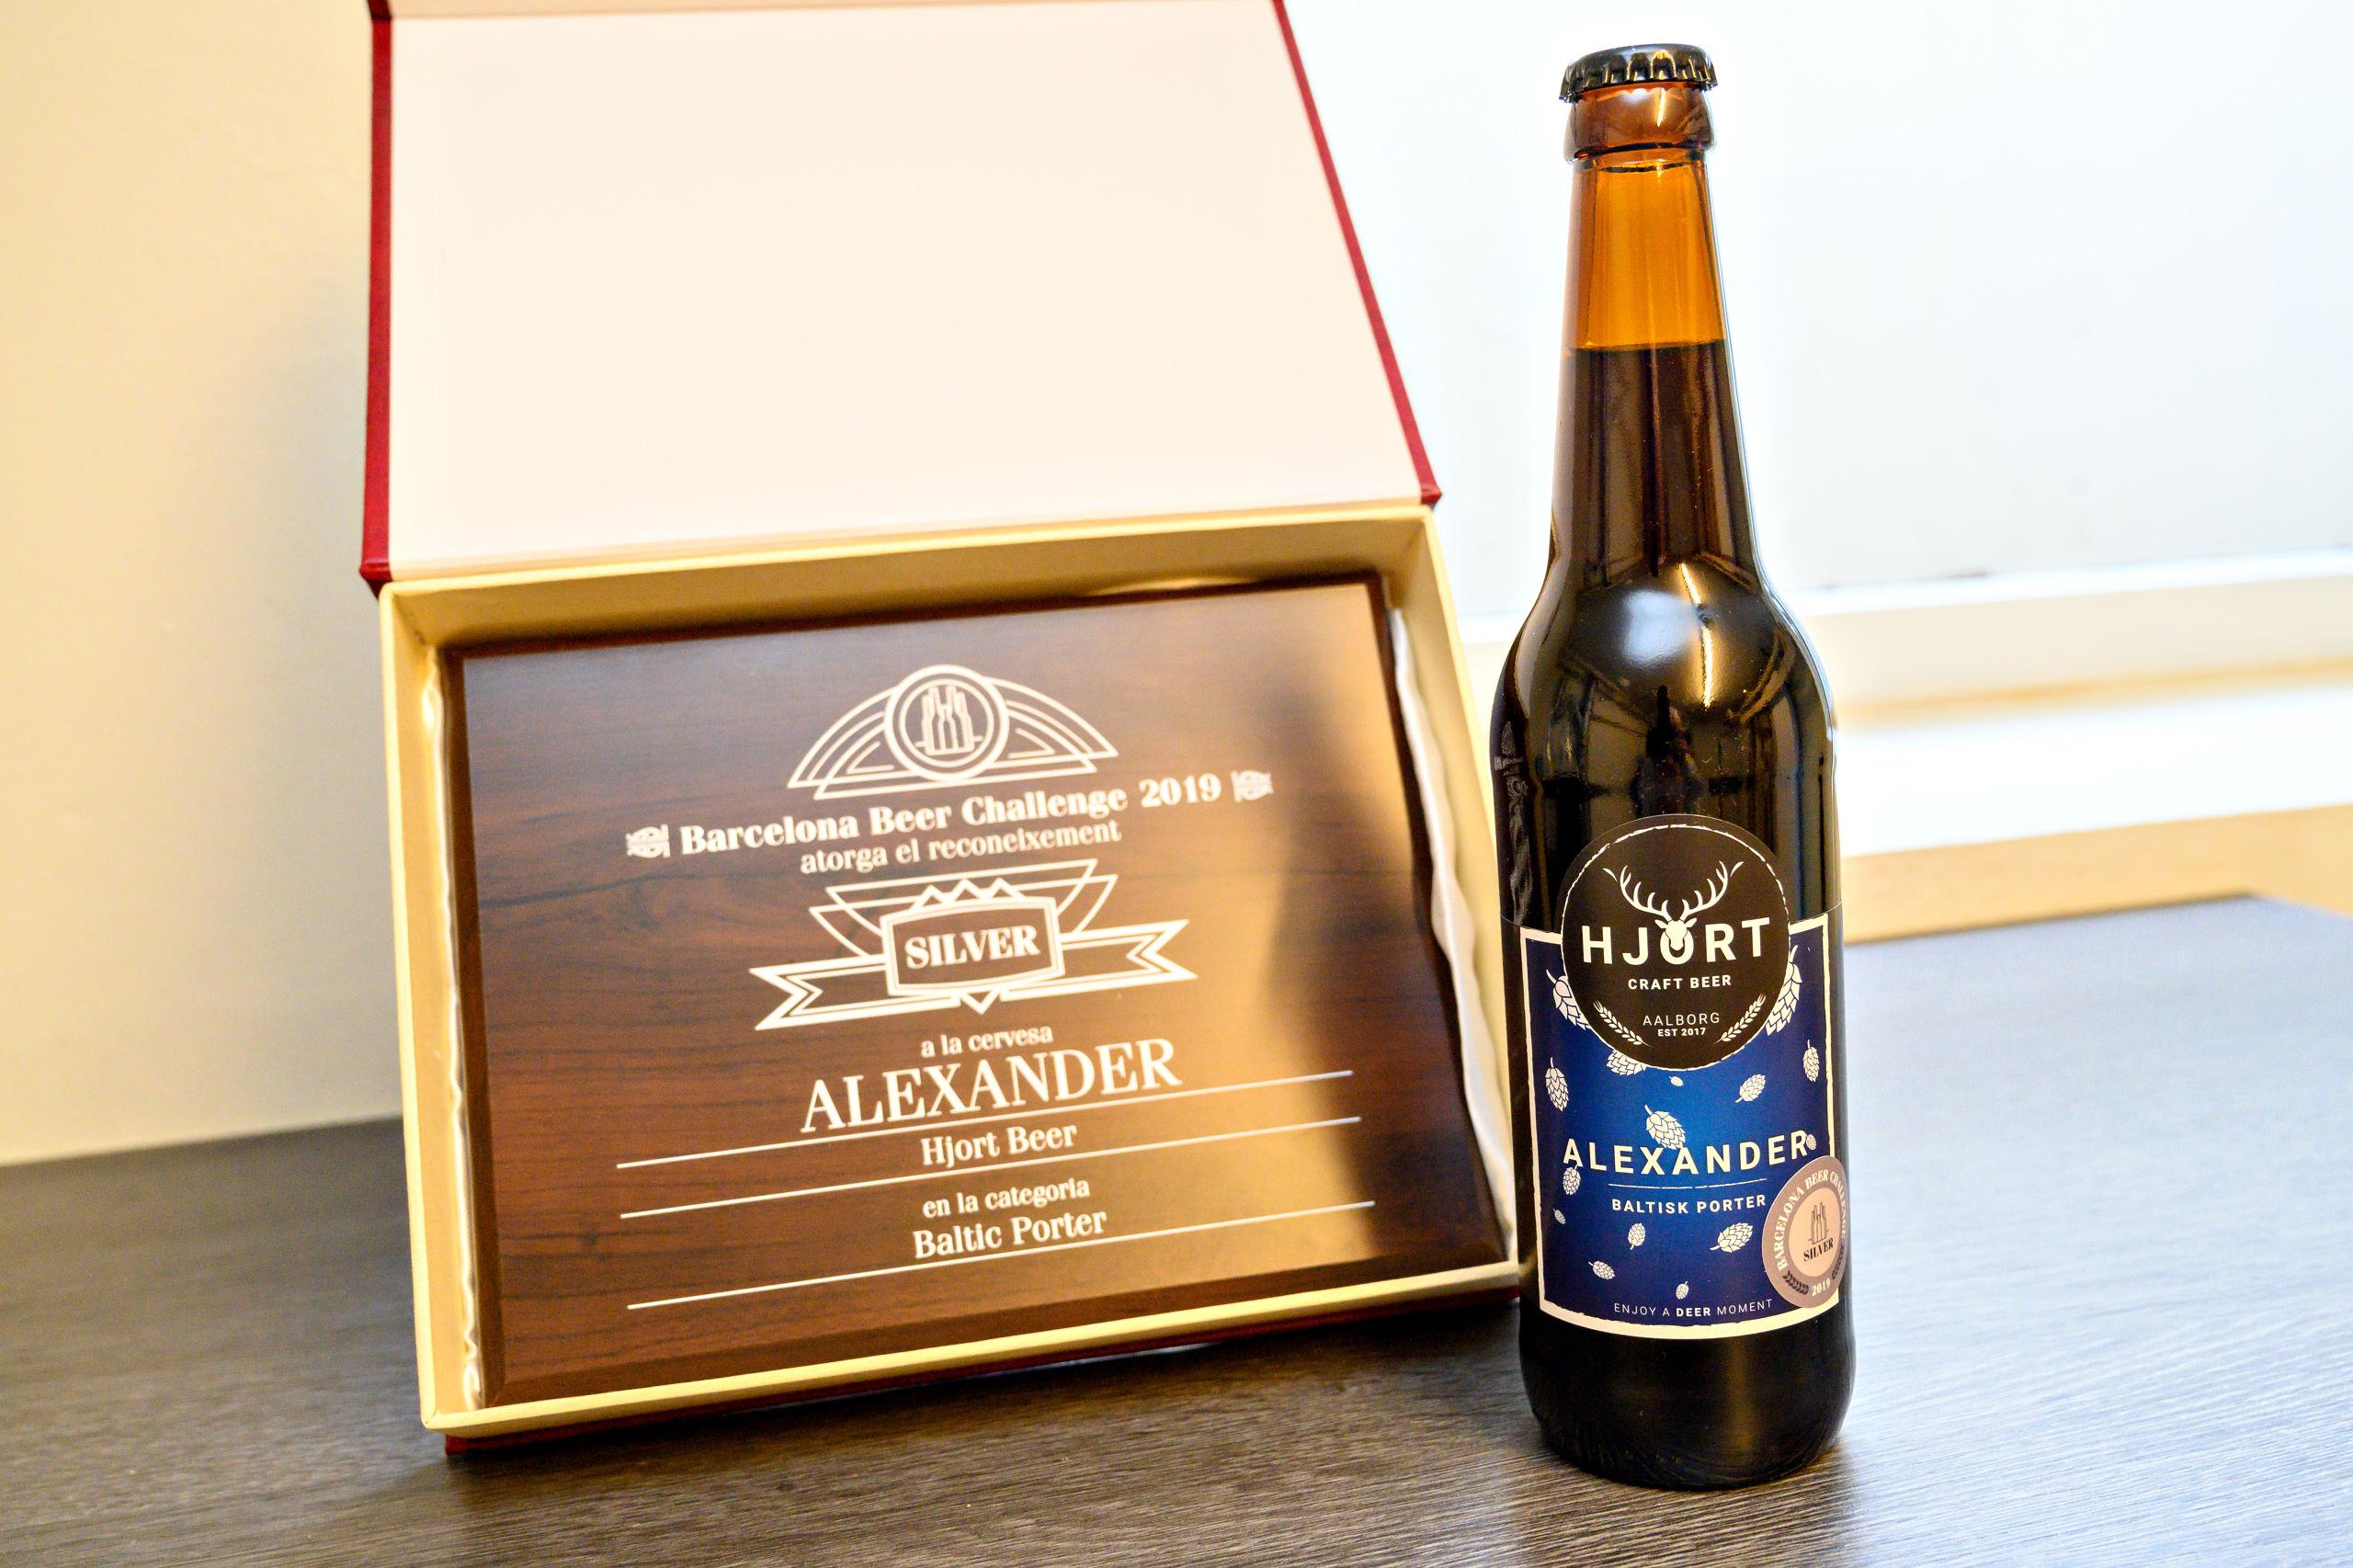 Kig ekstra godt på flasken - for sådan her ser en ægte vinder nemlig ud. Den baltiske porter Alexander har netop vundet en sølvmedalje i den internationale ølkonkurrence Barcelona Beer Challenge. Foto: Kurt Bering